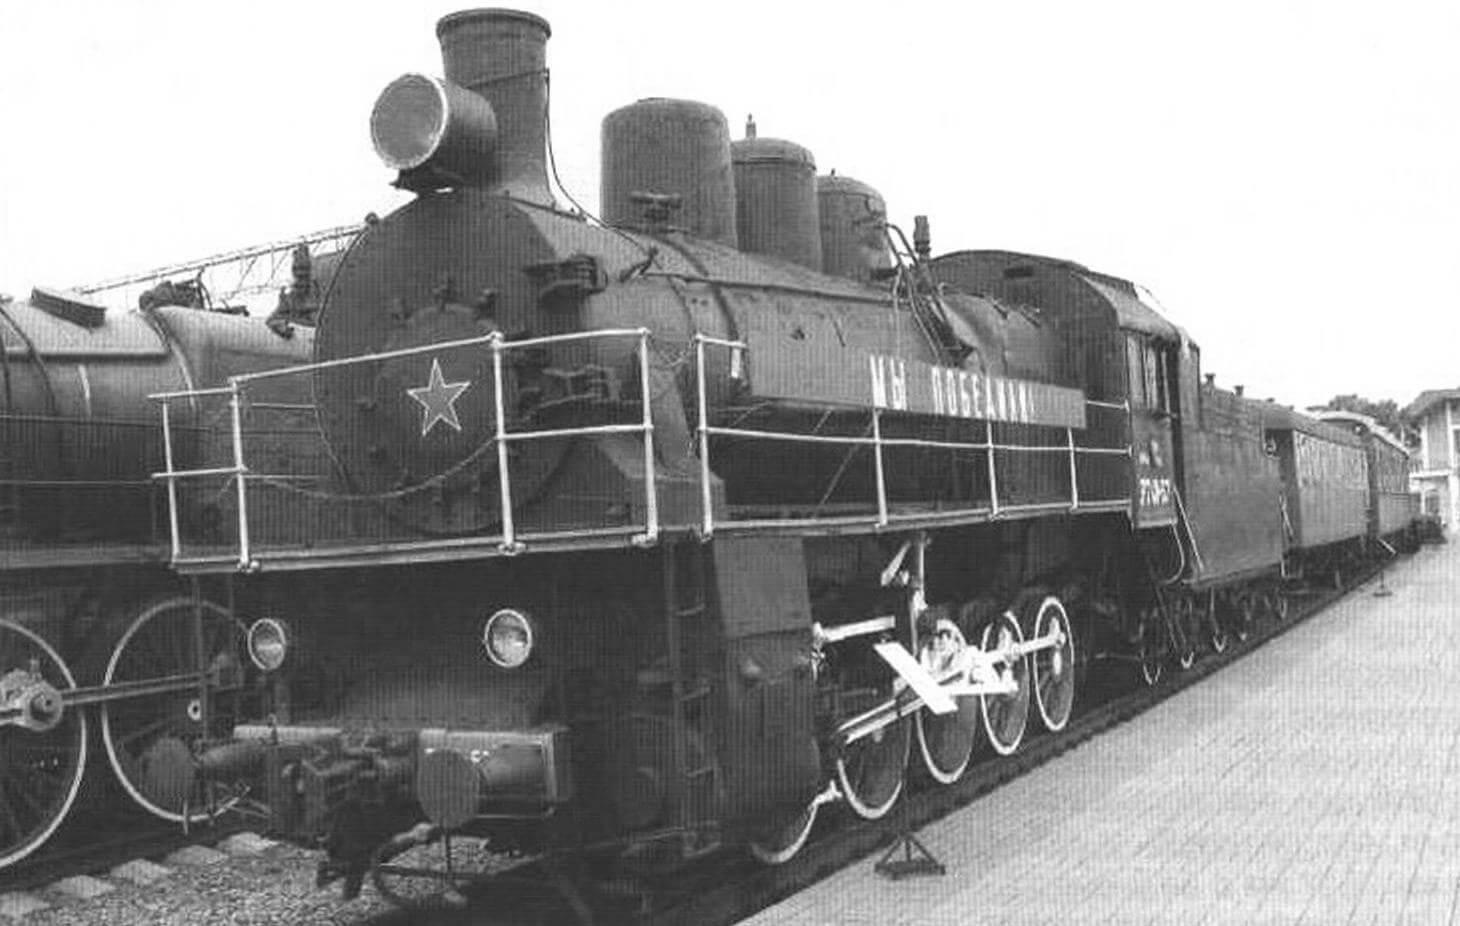 Первый опытный экземпляр паровоза «Победа» после доработки в 1947 г. запустили в серийное производство под обозначением «Л»